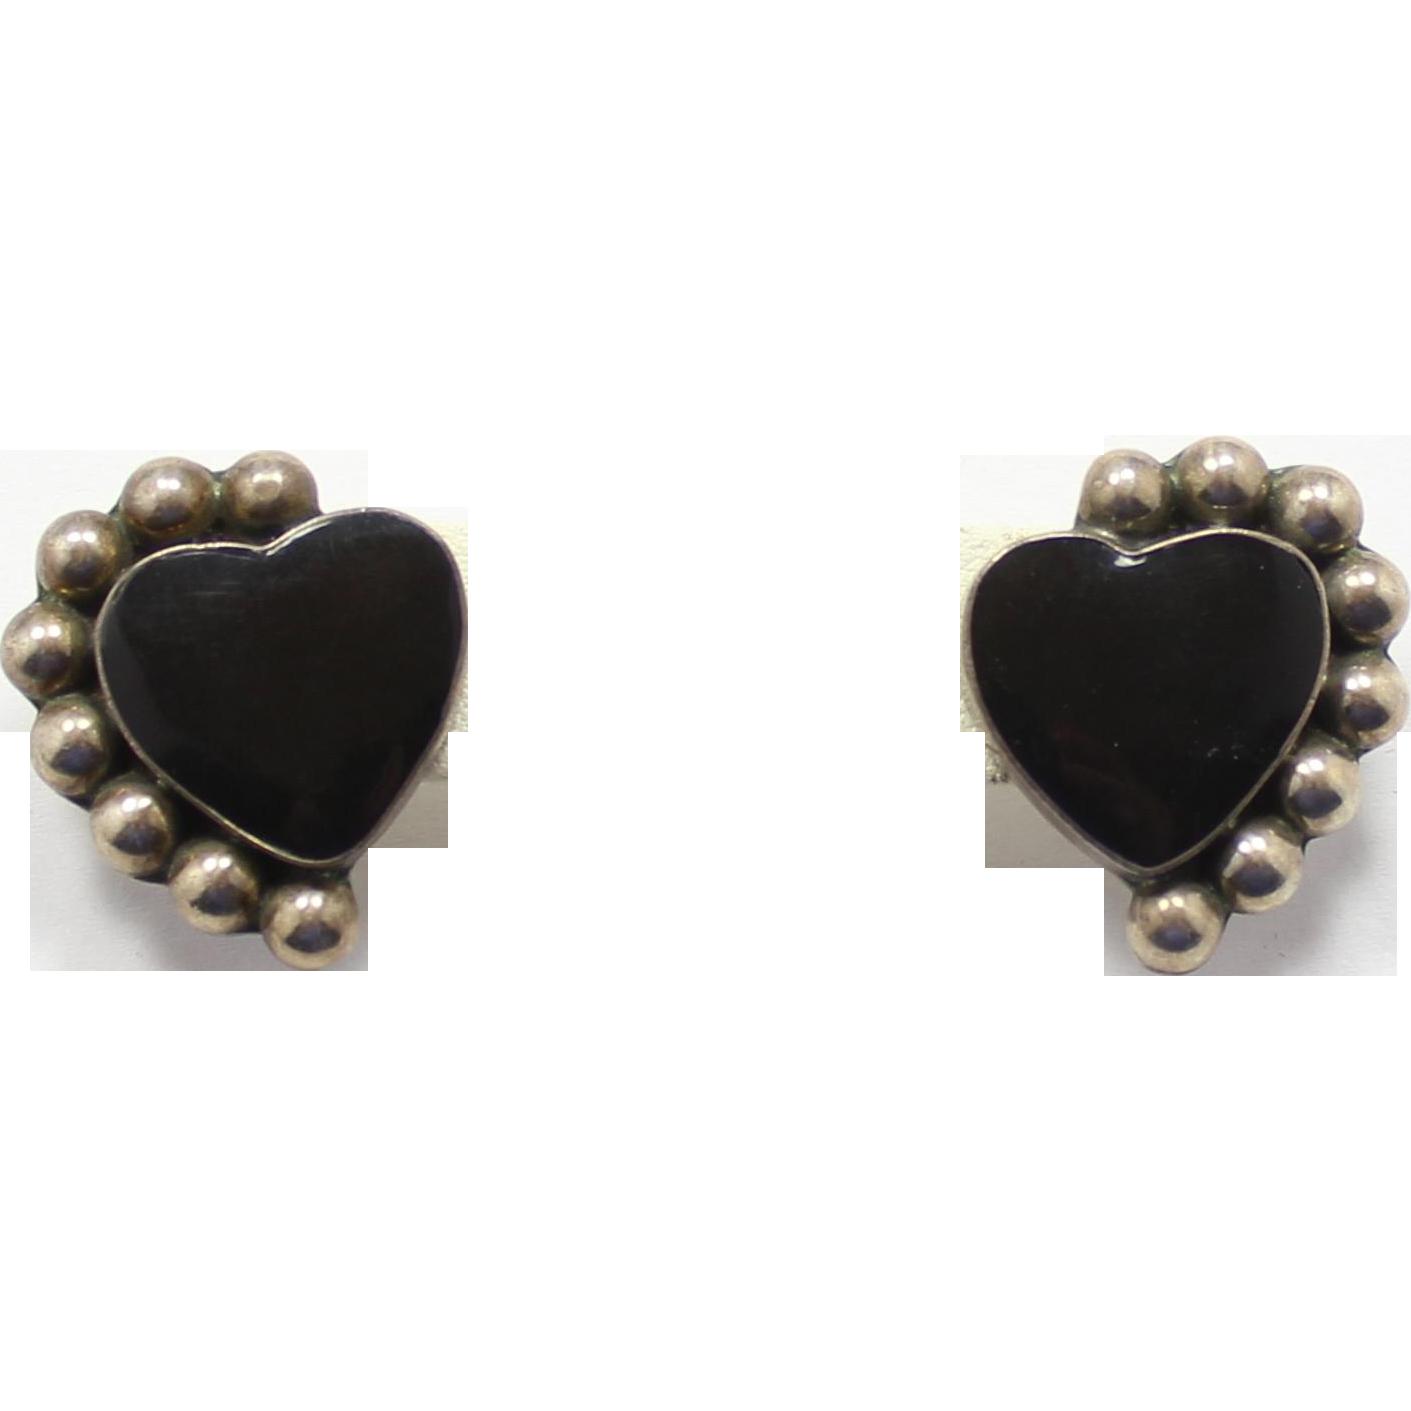 Sterling Silver Mexico TS-19 Onyx Heart Earrings